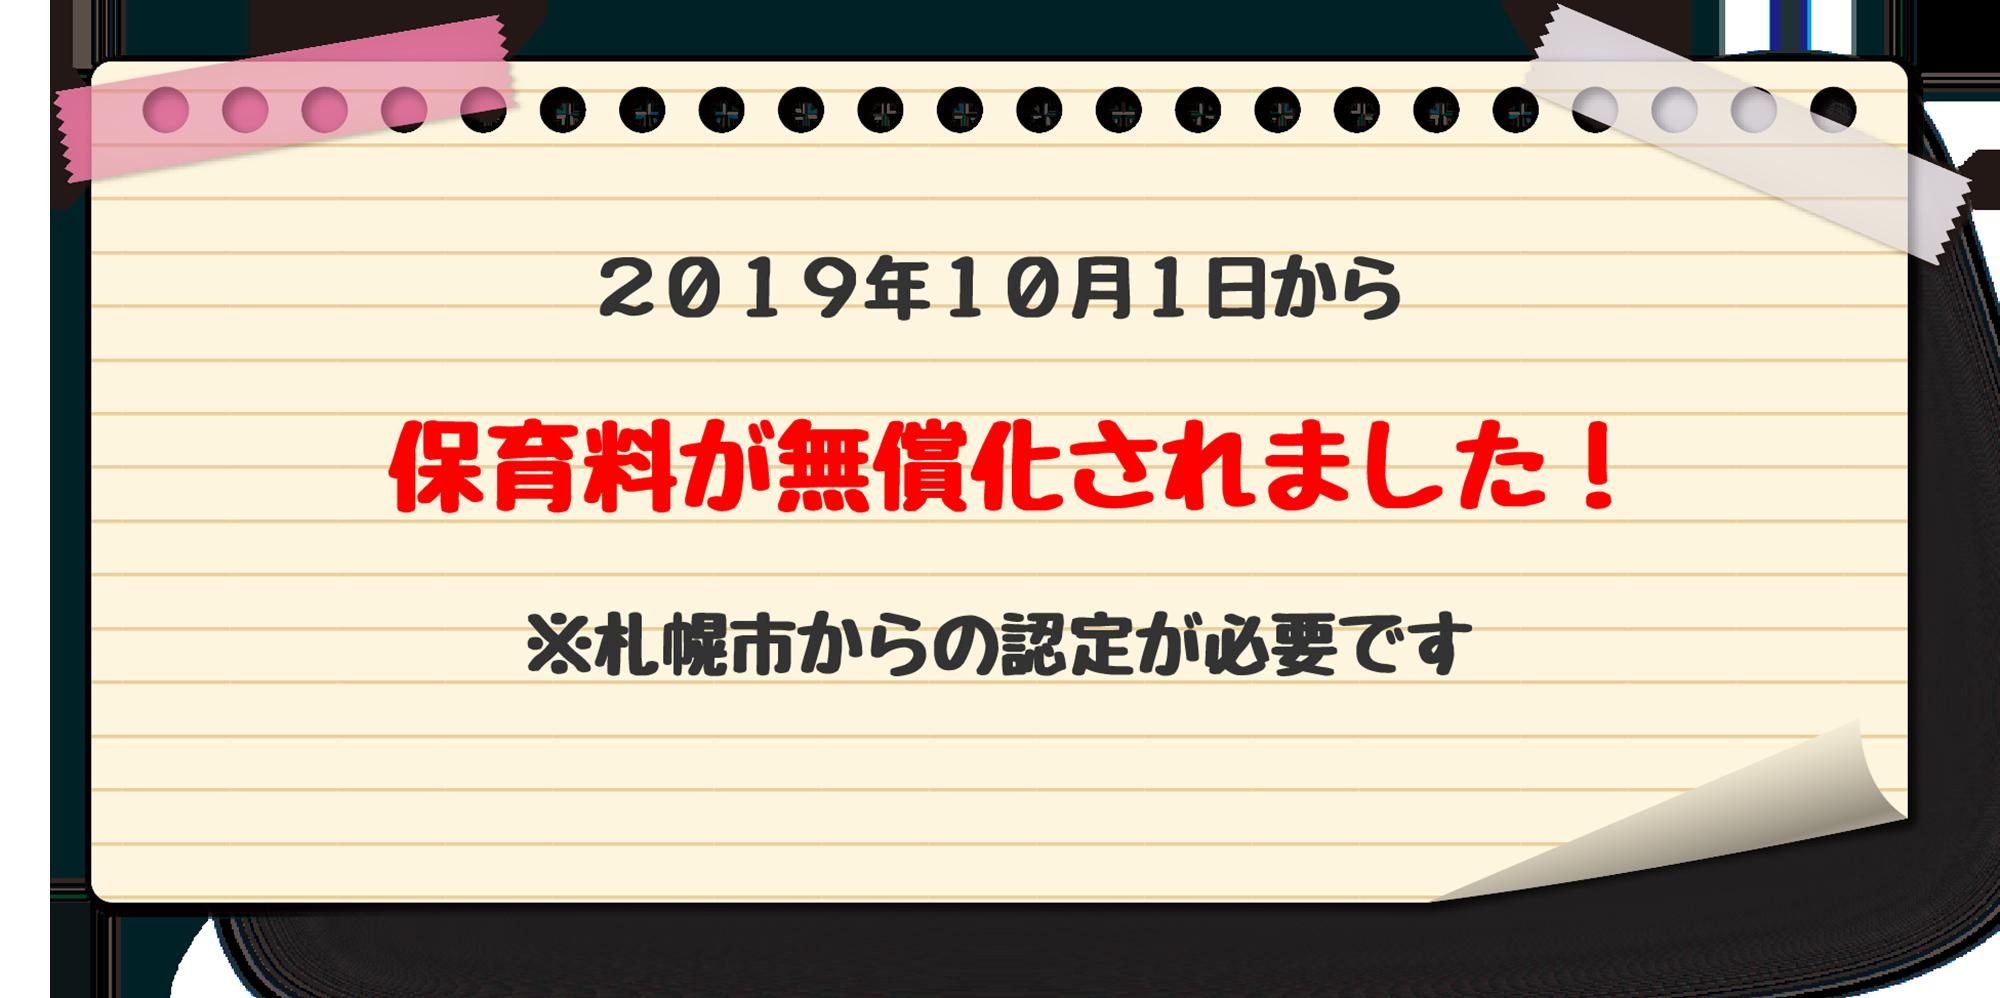 2019年10月1日から保育料が無償化されました! ※札幌市からの認定が必要です